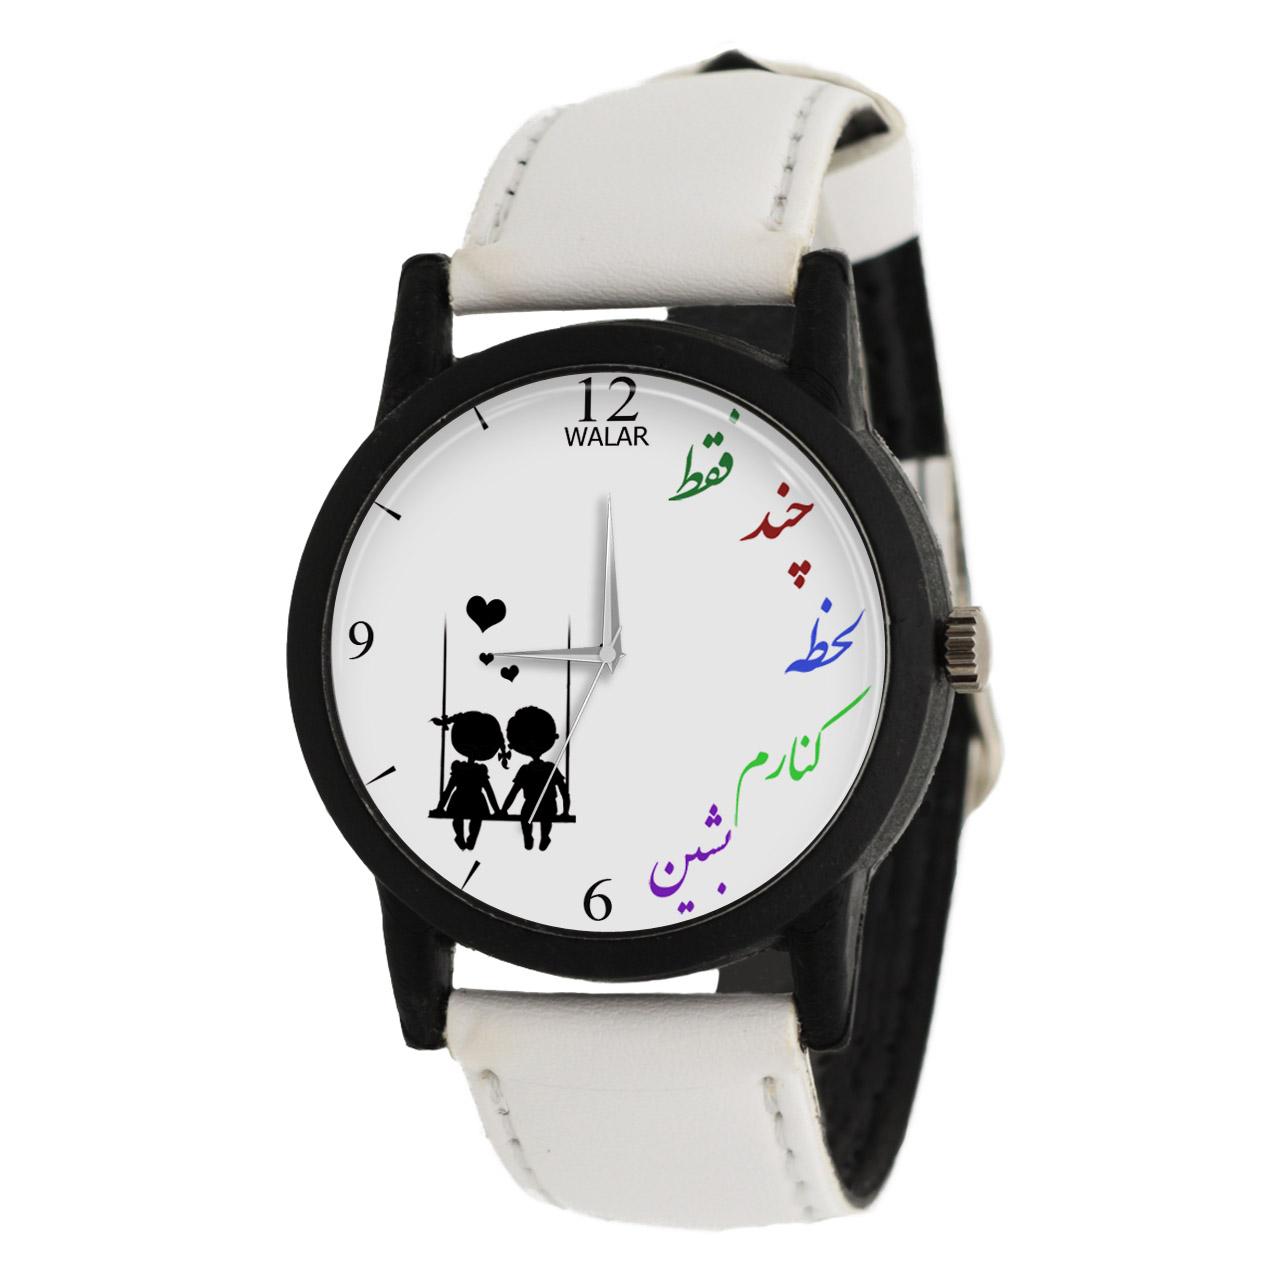 ساعت مچی عقربه ای زنانه والار مدل LF1471